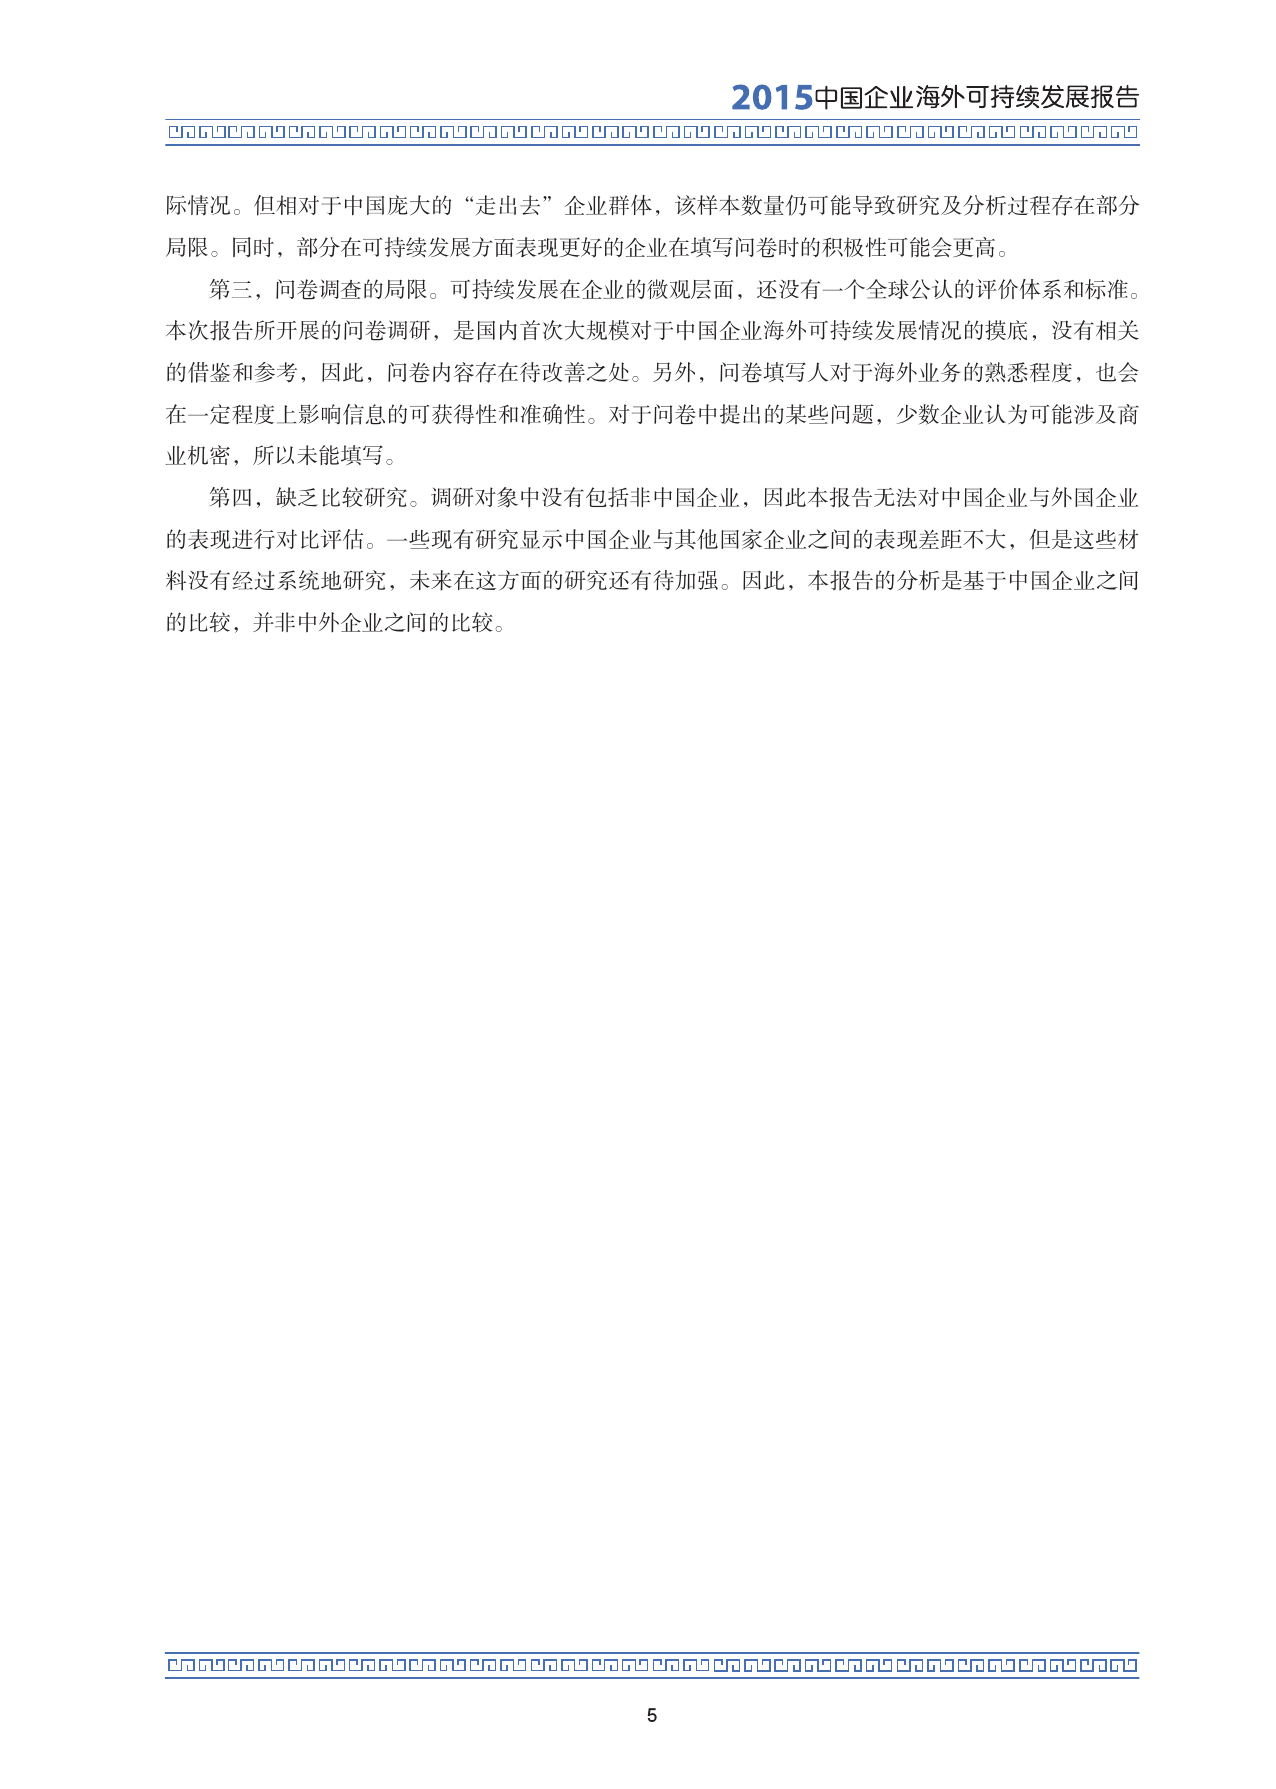 2015中国企业海外可持续发展报告_000019